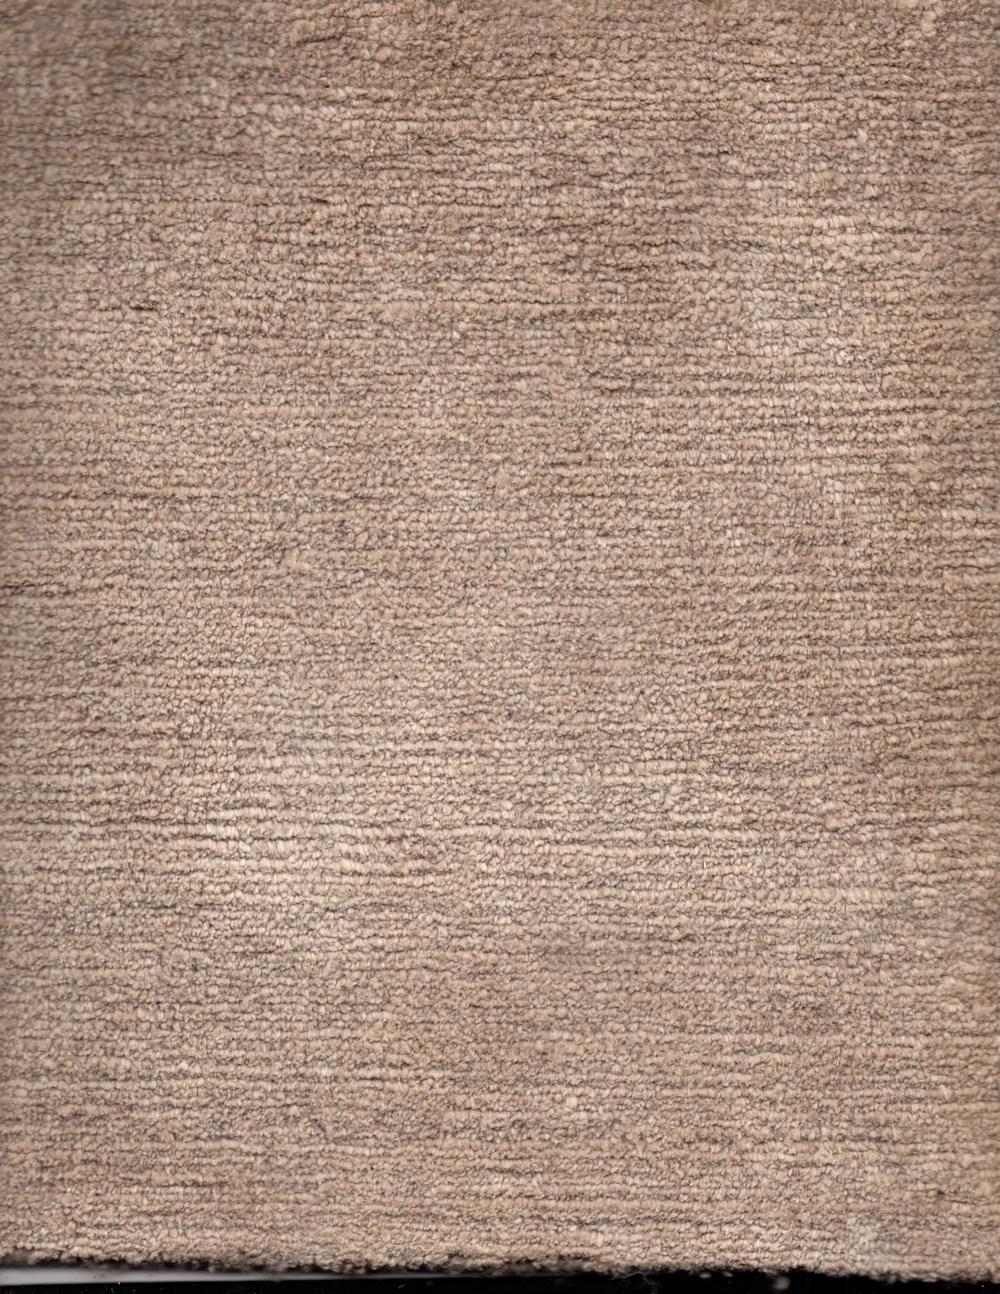 Natural Linen Cut